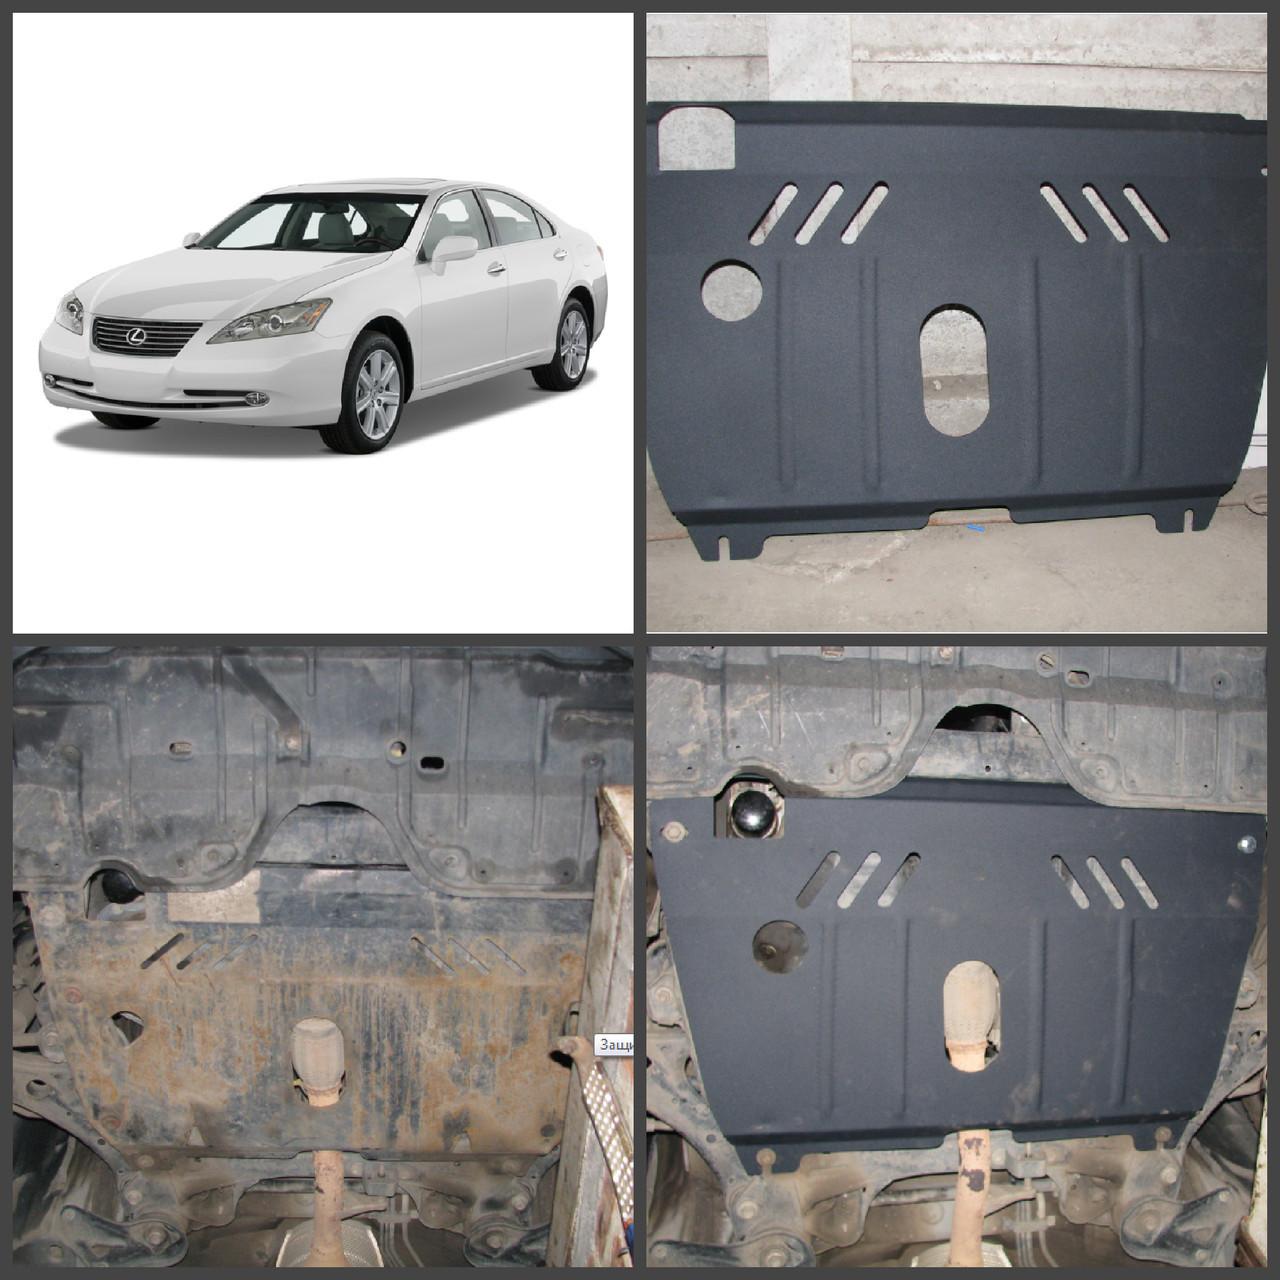 Защита двигателя Кольчуга Lexus GS 300 (2005-2012) V-3,0; 3,5; АКПП/только 4х4(двигатель, КПП, радиатор)